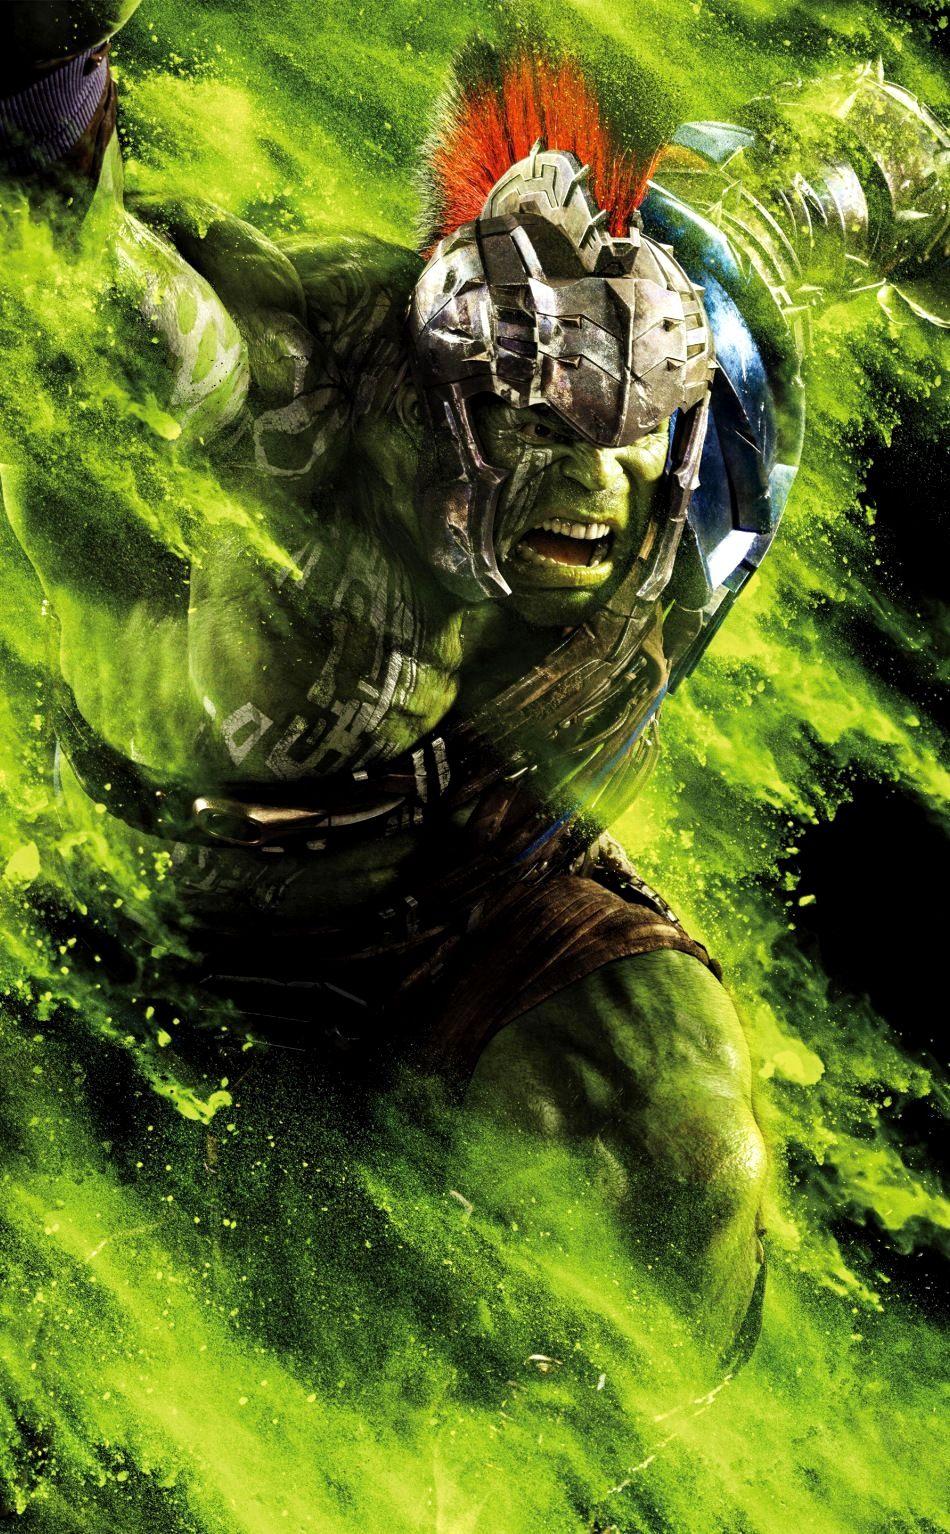 Hulk Wallpaper 4K Iphone Ideas Hulk marvel, Marvel